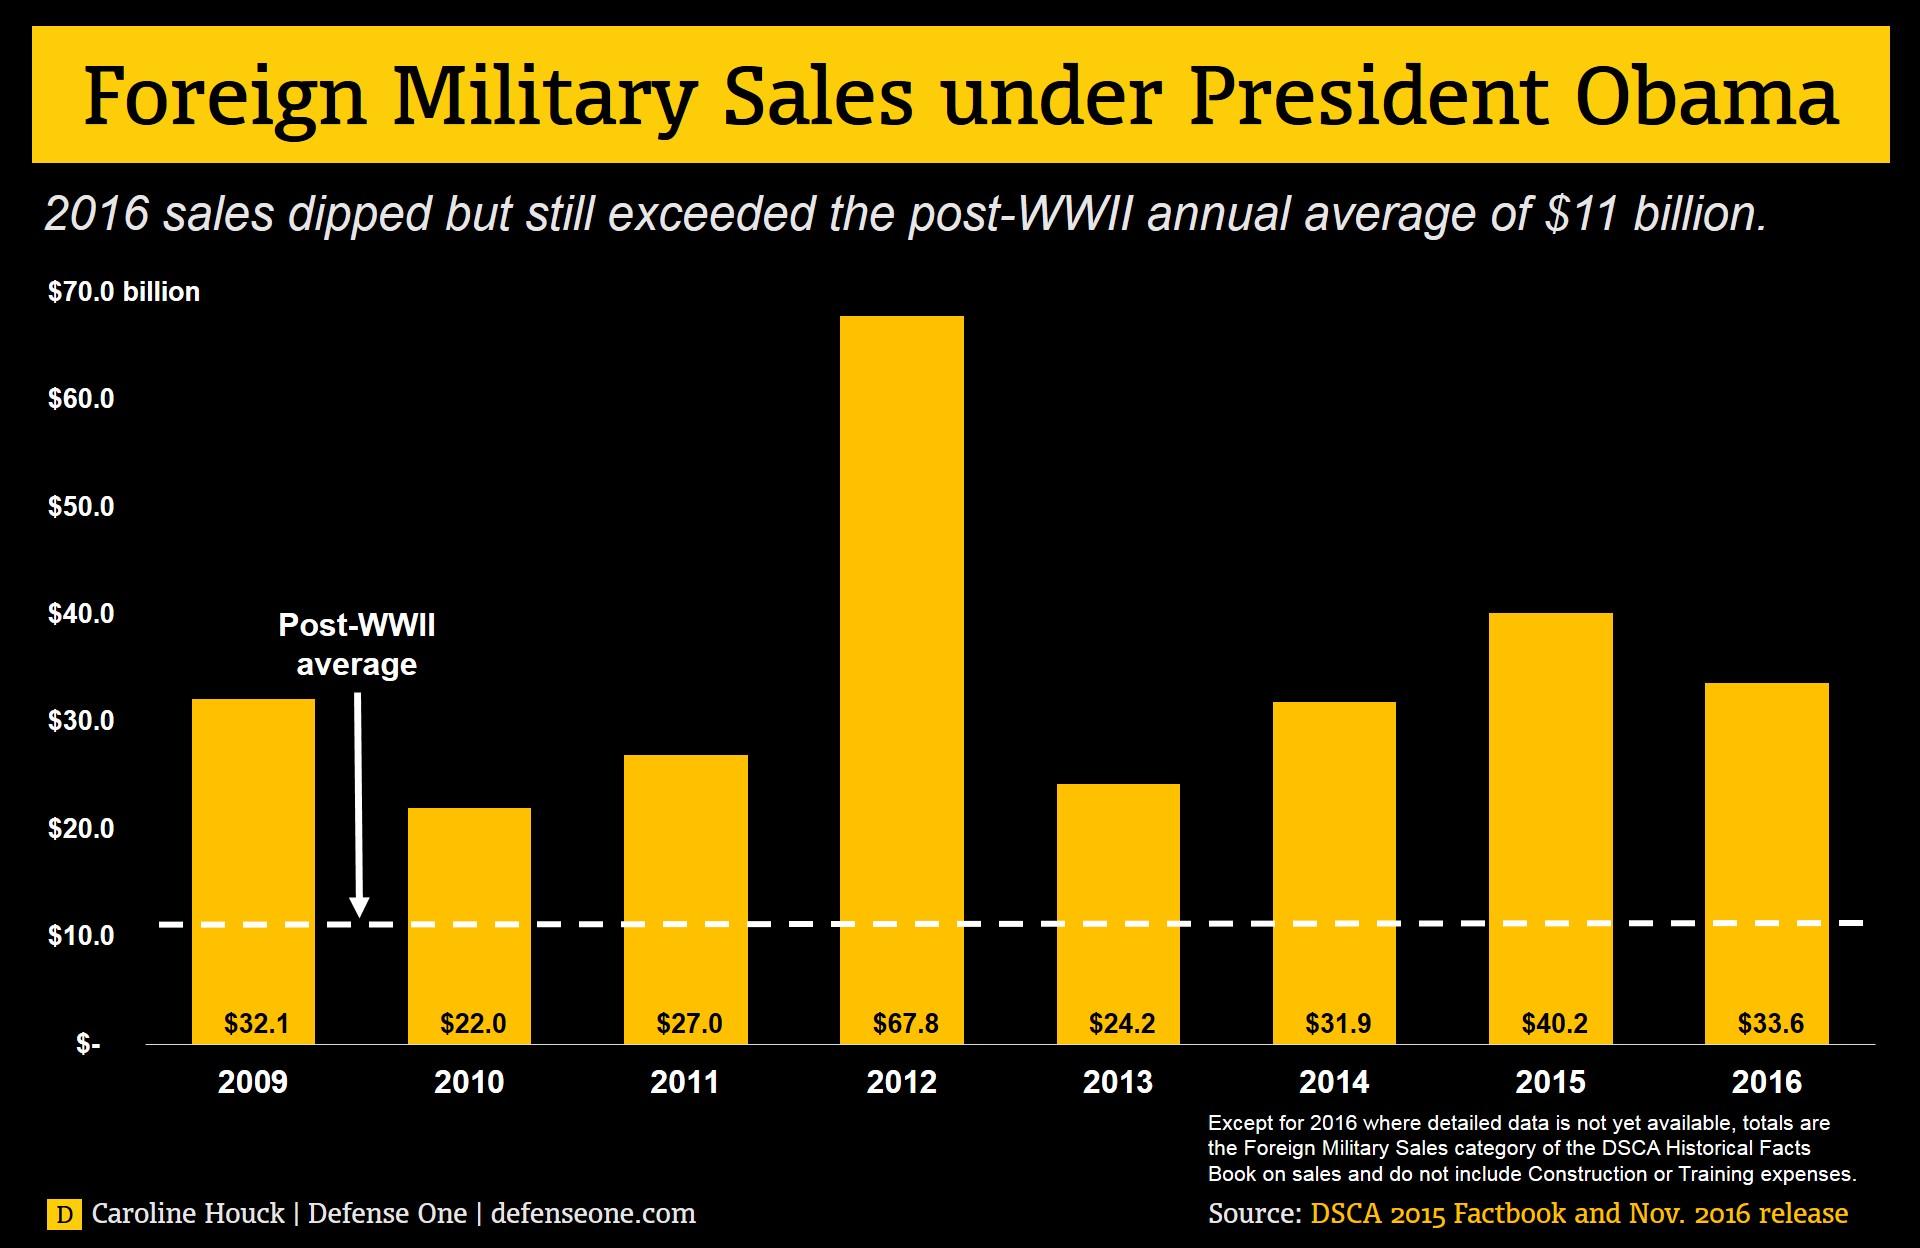 Показатели заключенных соглашений по линии Foreign Military Sales (FMS) при президентстве Барака Обамы, 2009-2016 гг.